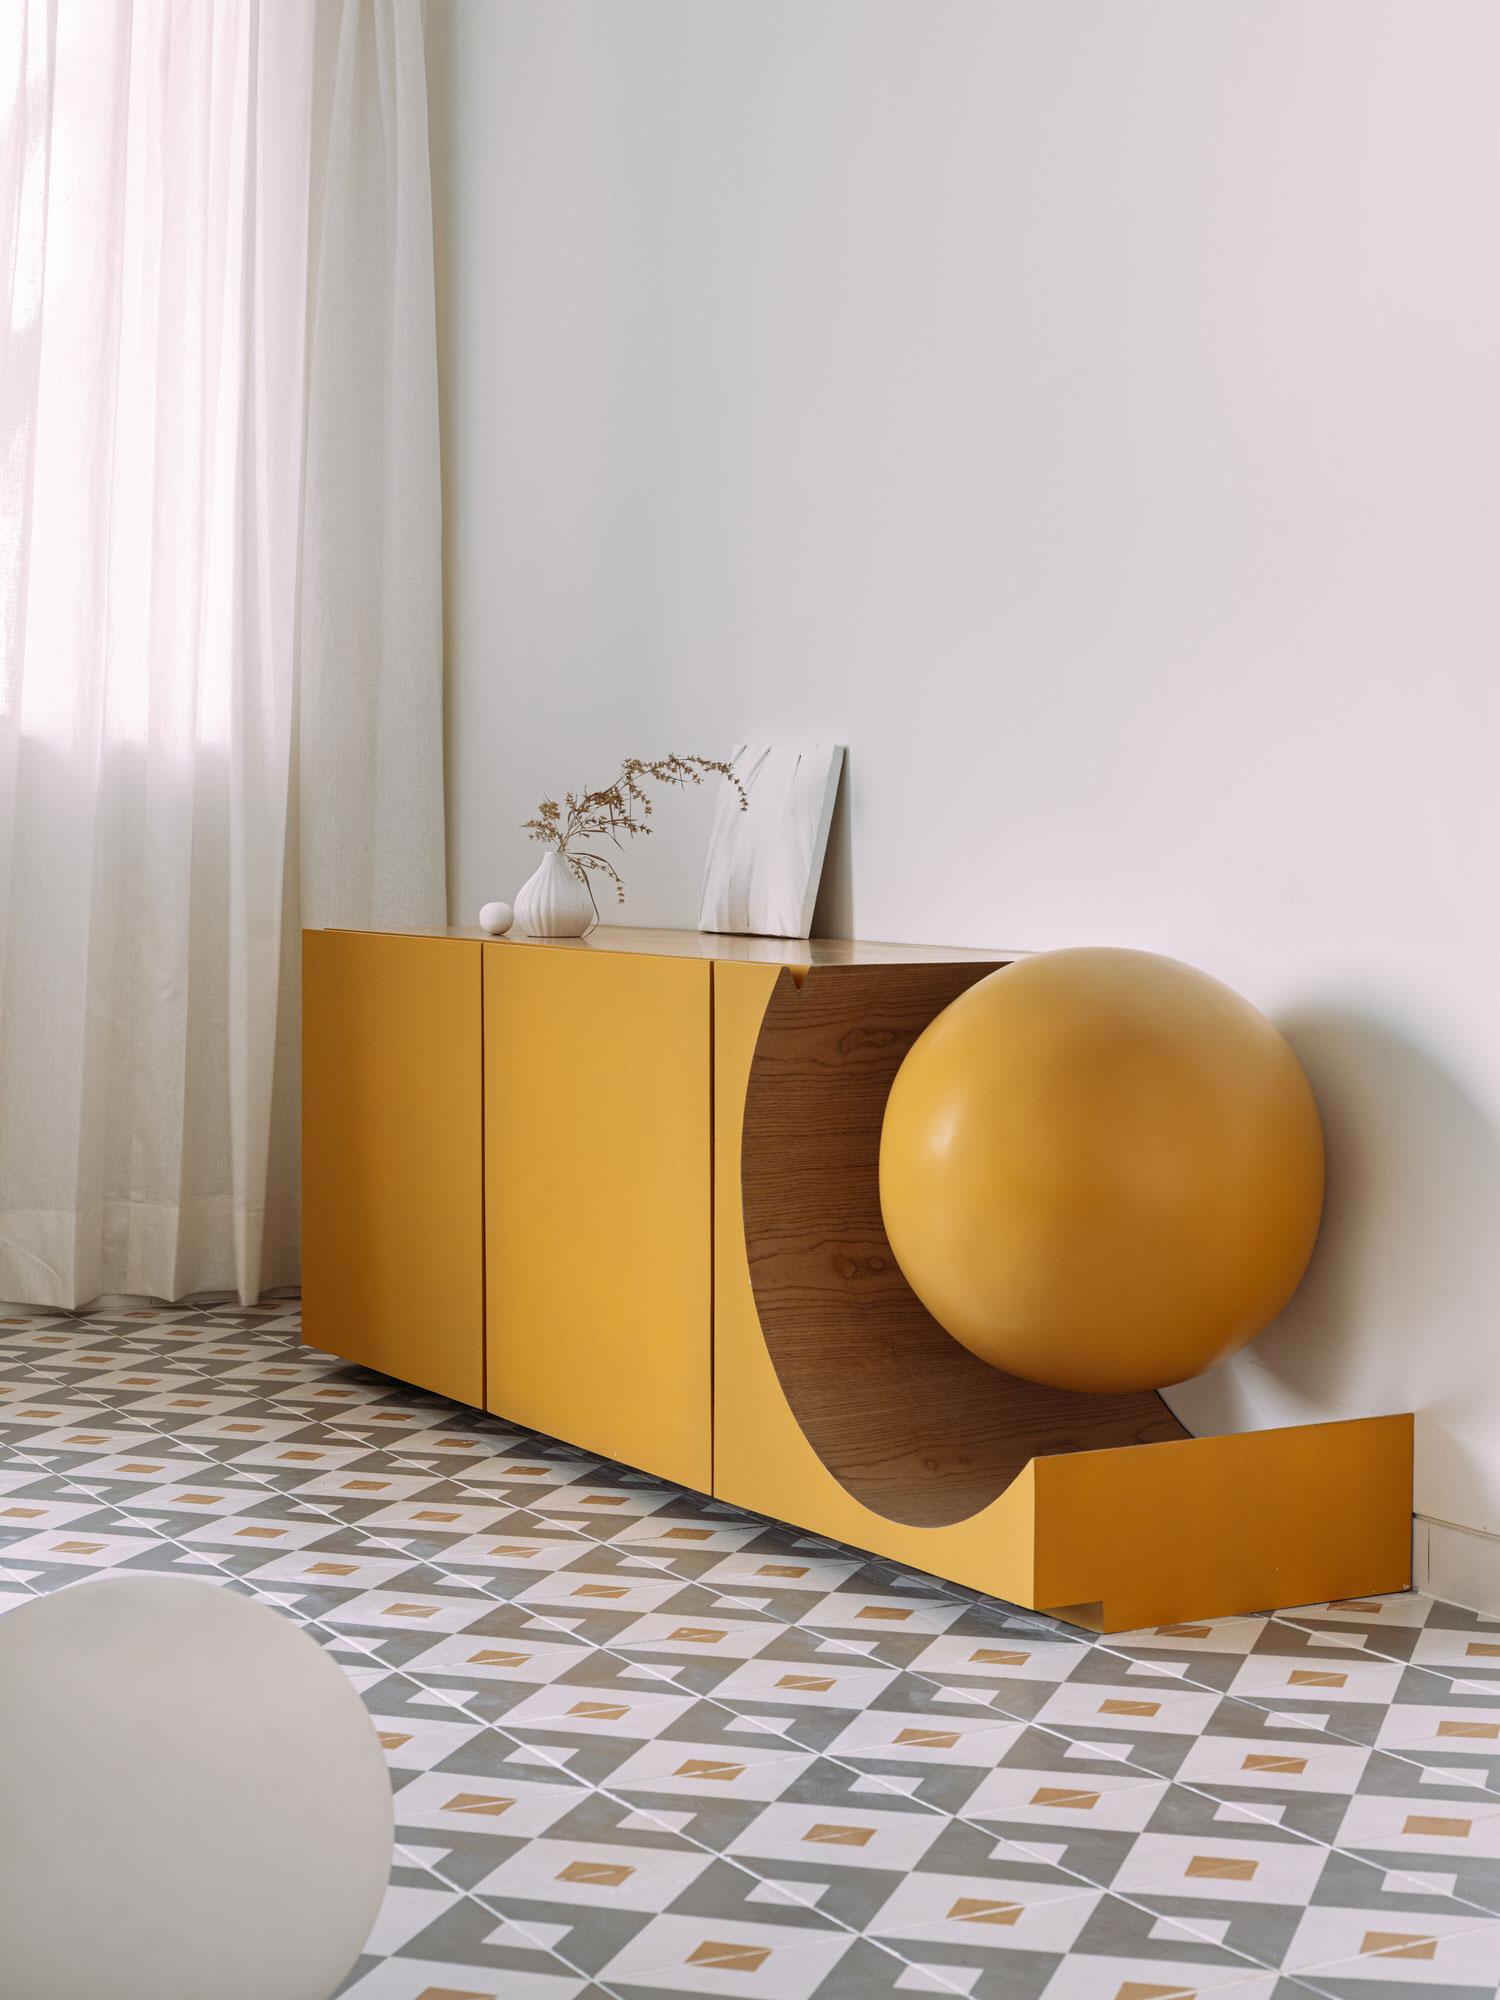 The Act Of Quad Mumbai Apartment Interior Design Yellowtrace 06